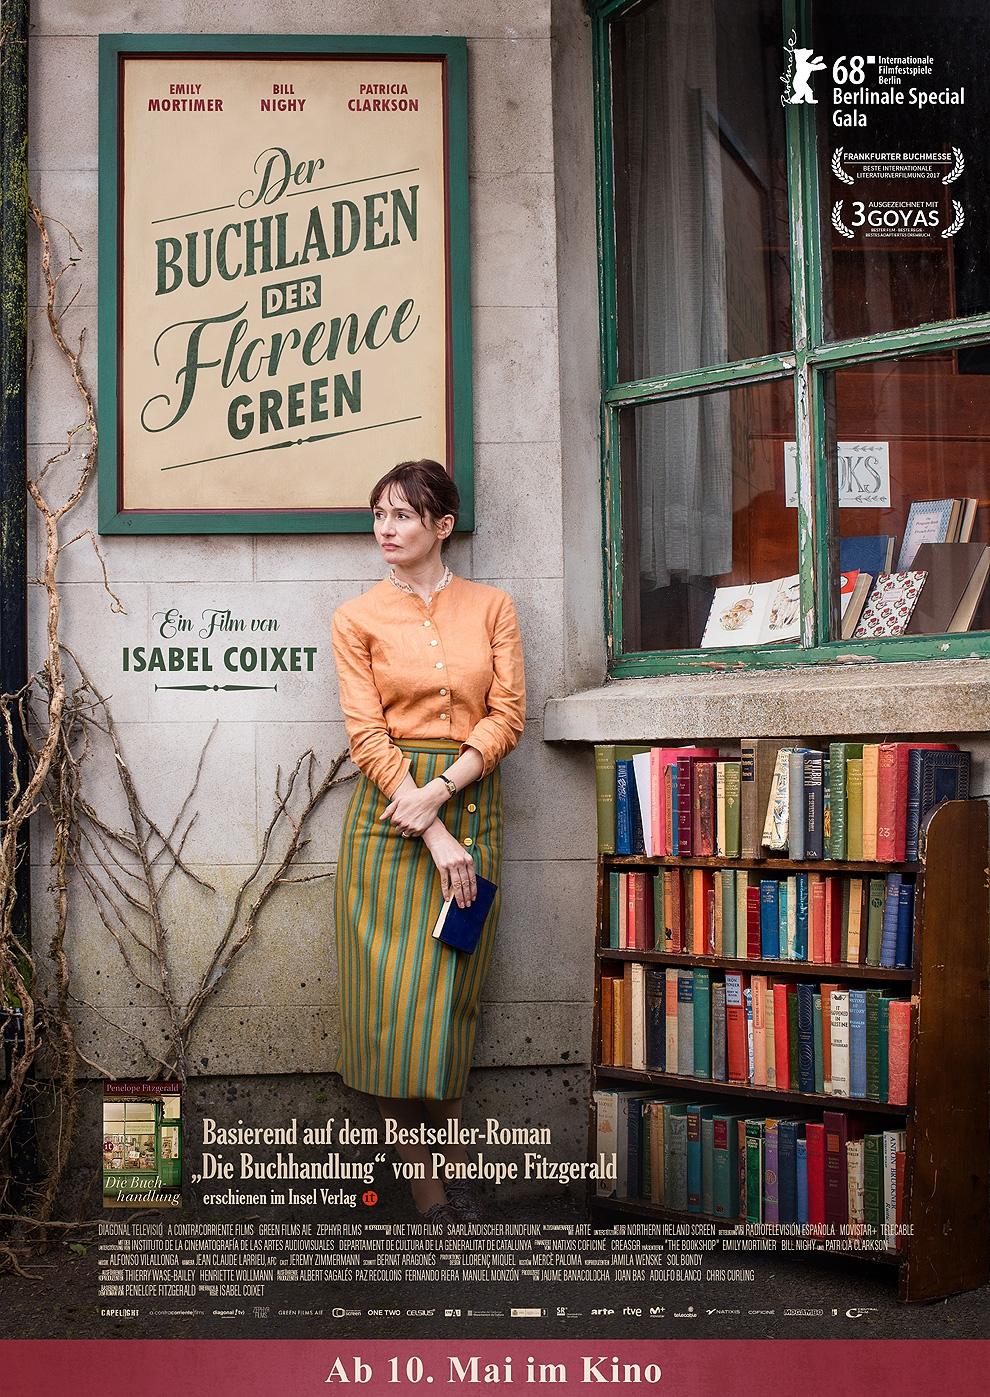 Der Buchladen der Florence Green (Poster)